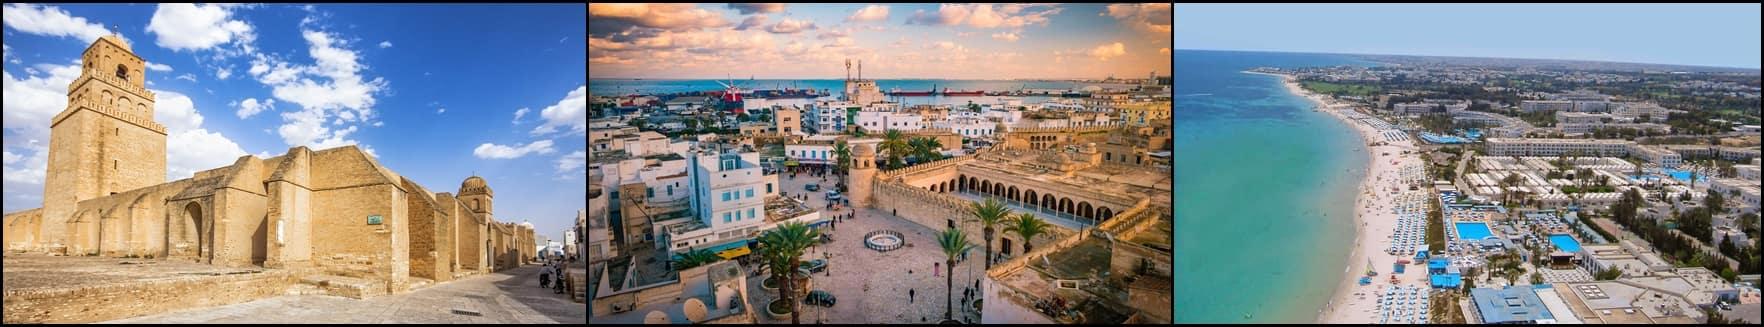 Tunisia d5